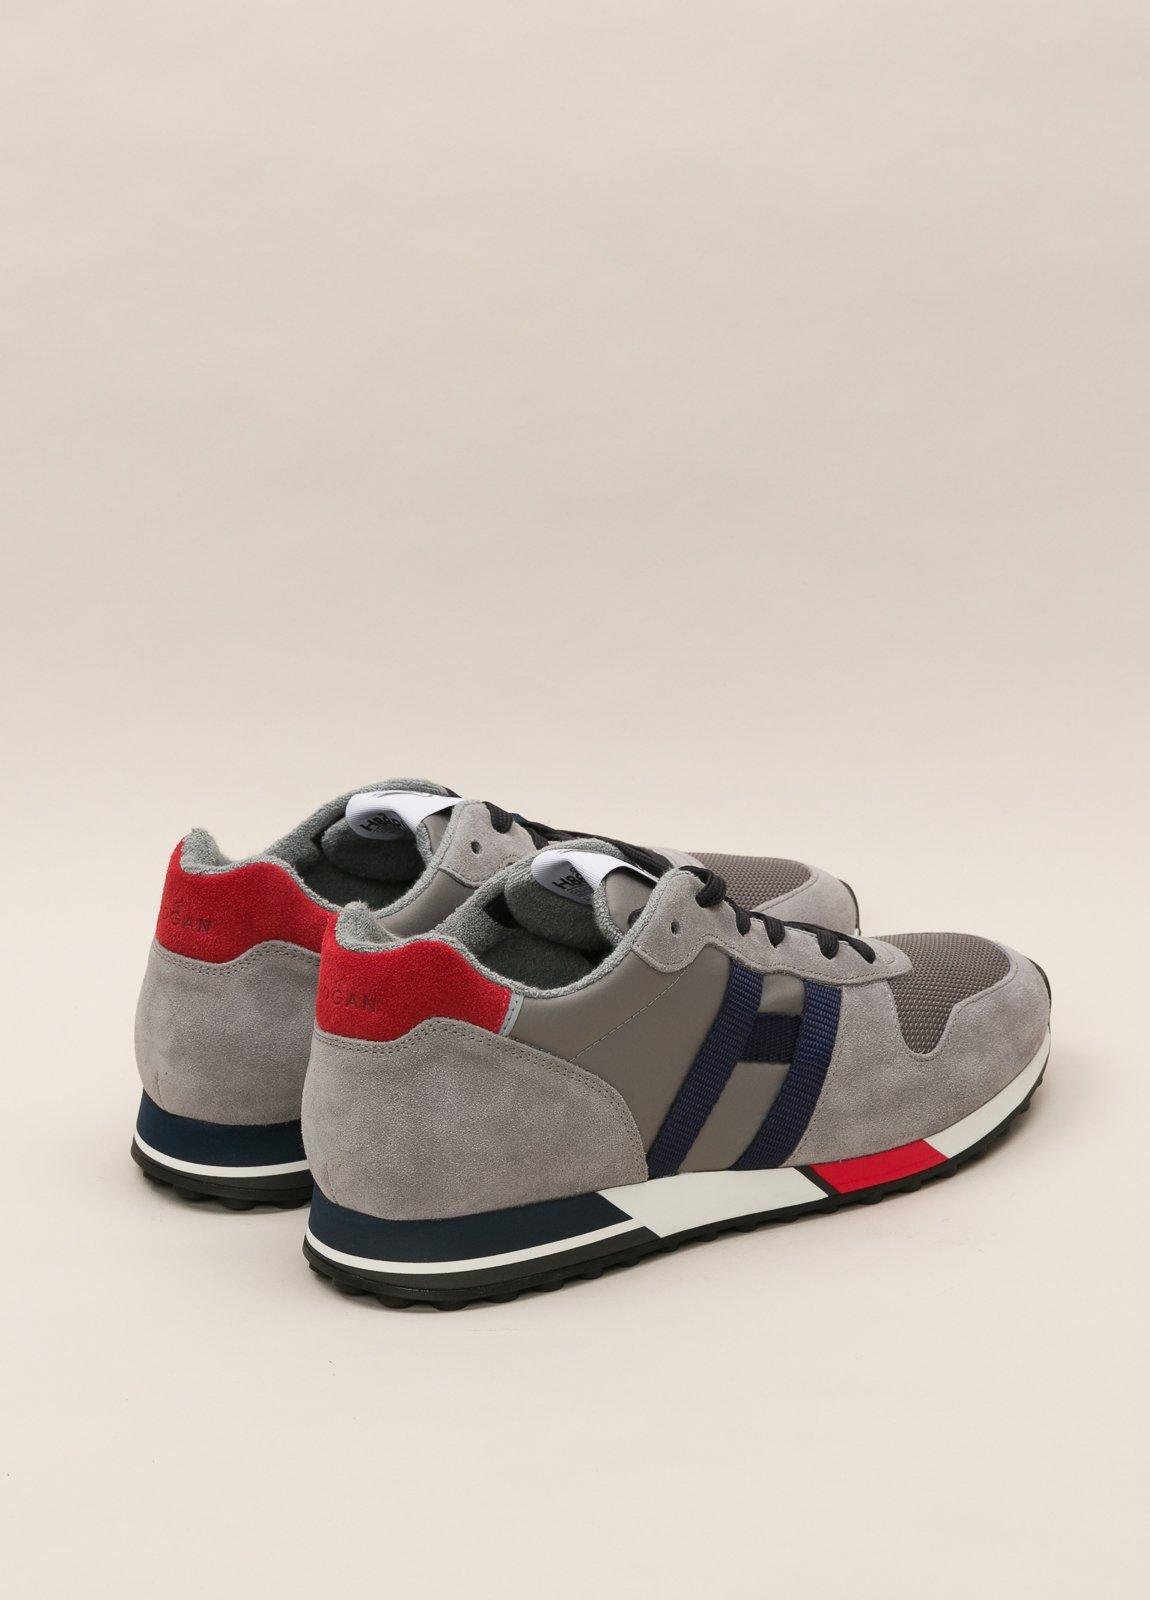 Zapatillas deportivas HOGAN gris y rojo - Ítem2